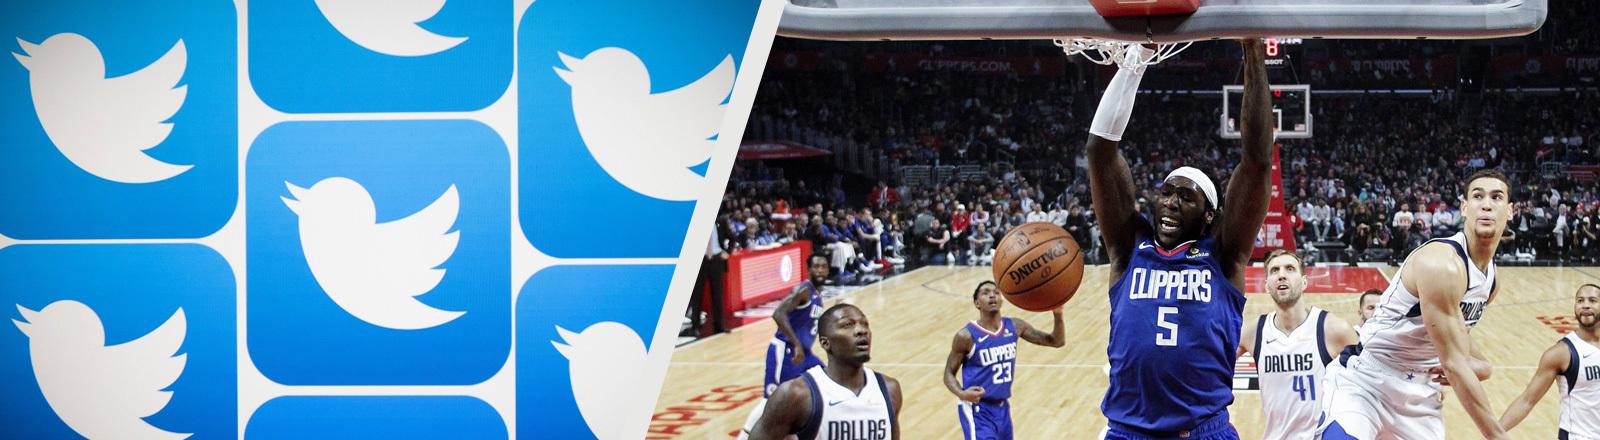 Collage: Das Bild links zeigt das Twitter-Logo: einen Vogel; das Bild rechts zeigt ein Basketball-Spiel der NBA zwischen den Los Angeles Clippers und den Dallas Mavericks (20.12.2018). Ein Spieler macht einen Korb.